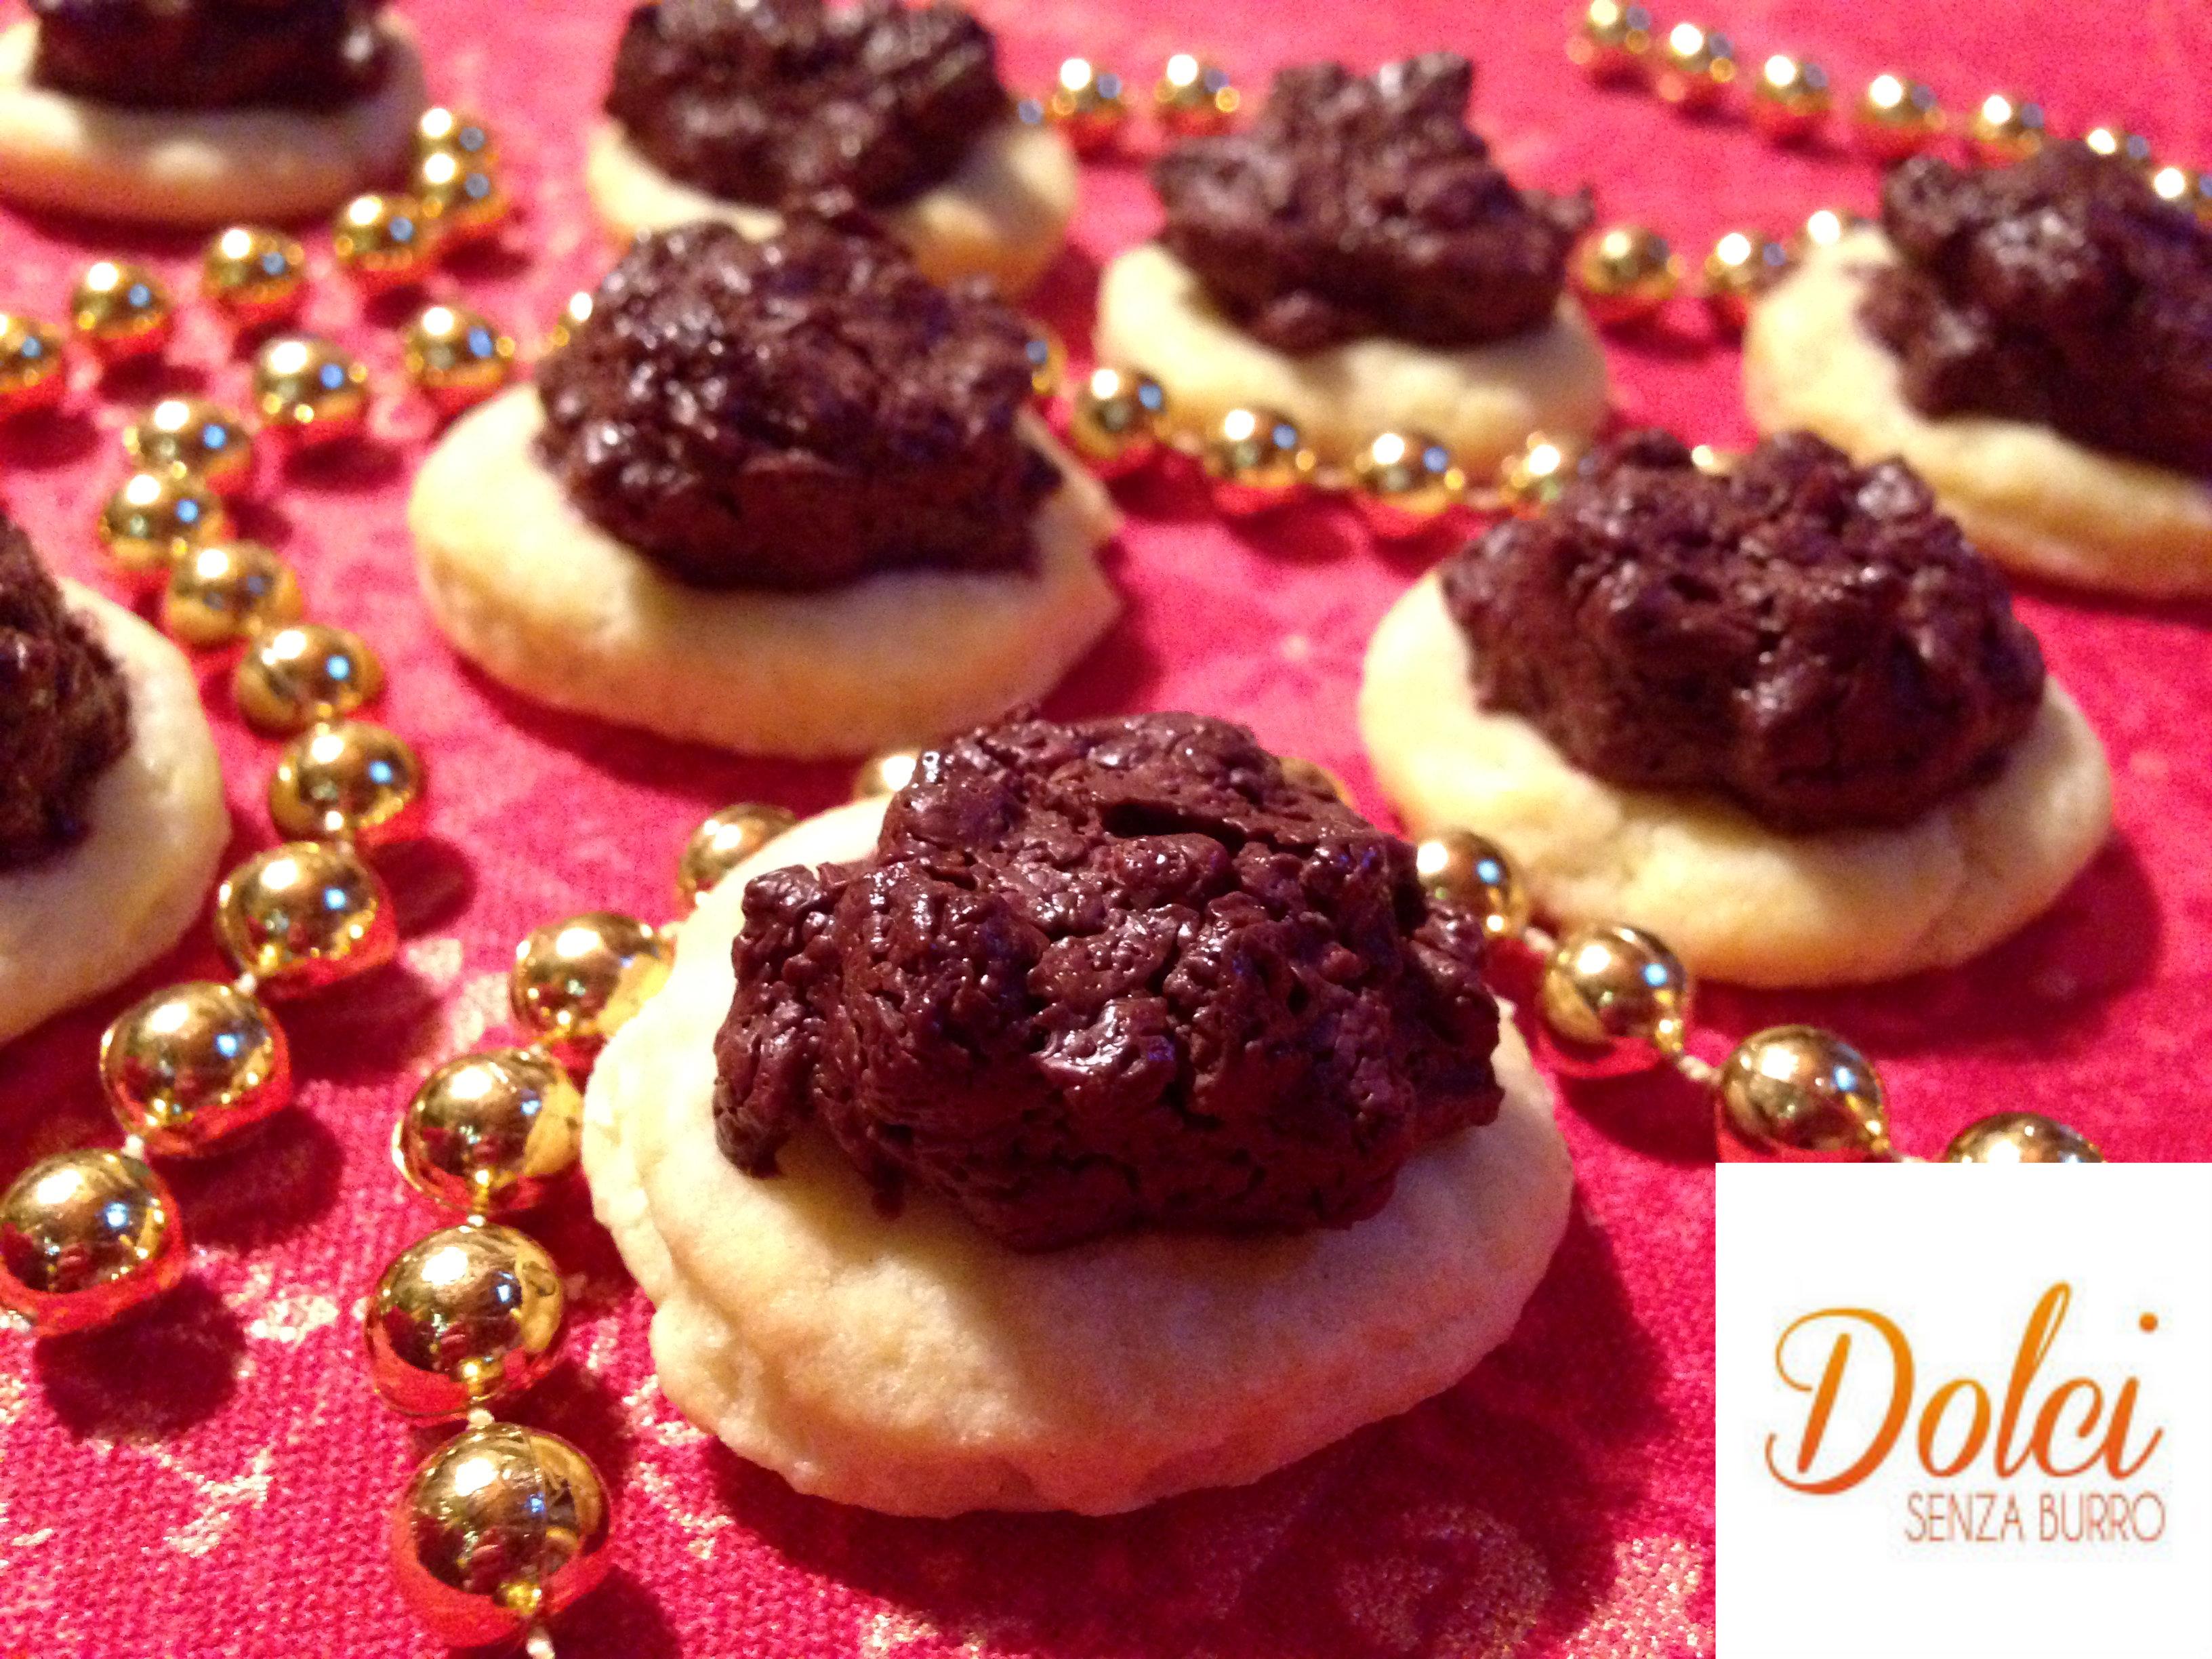 Biscotti Senza Burro Cioccolato e Mandorle, i biscotti di natale di dolci senza burro